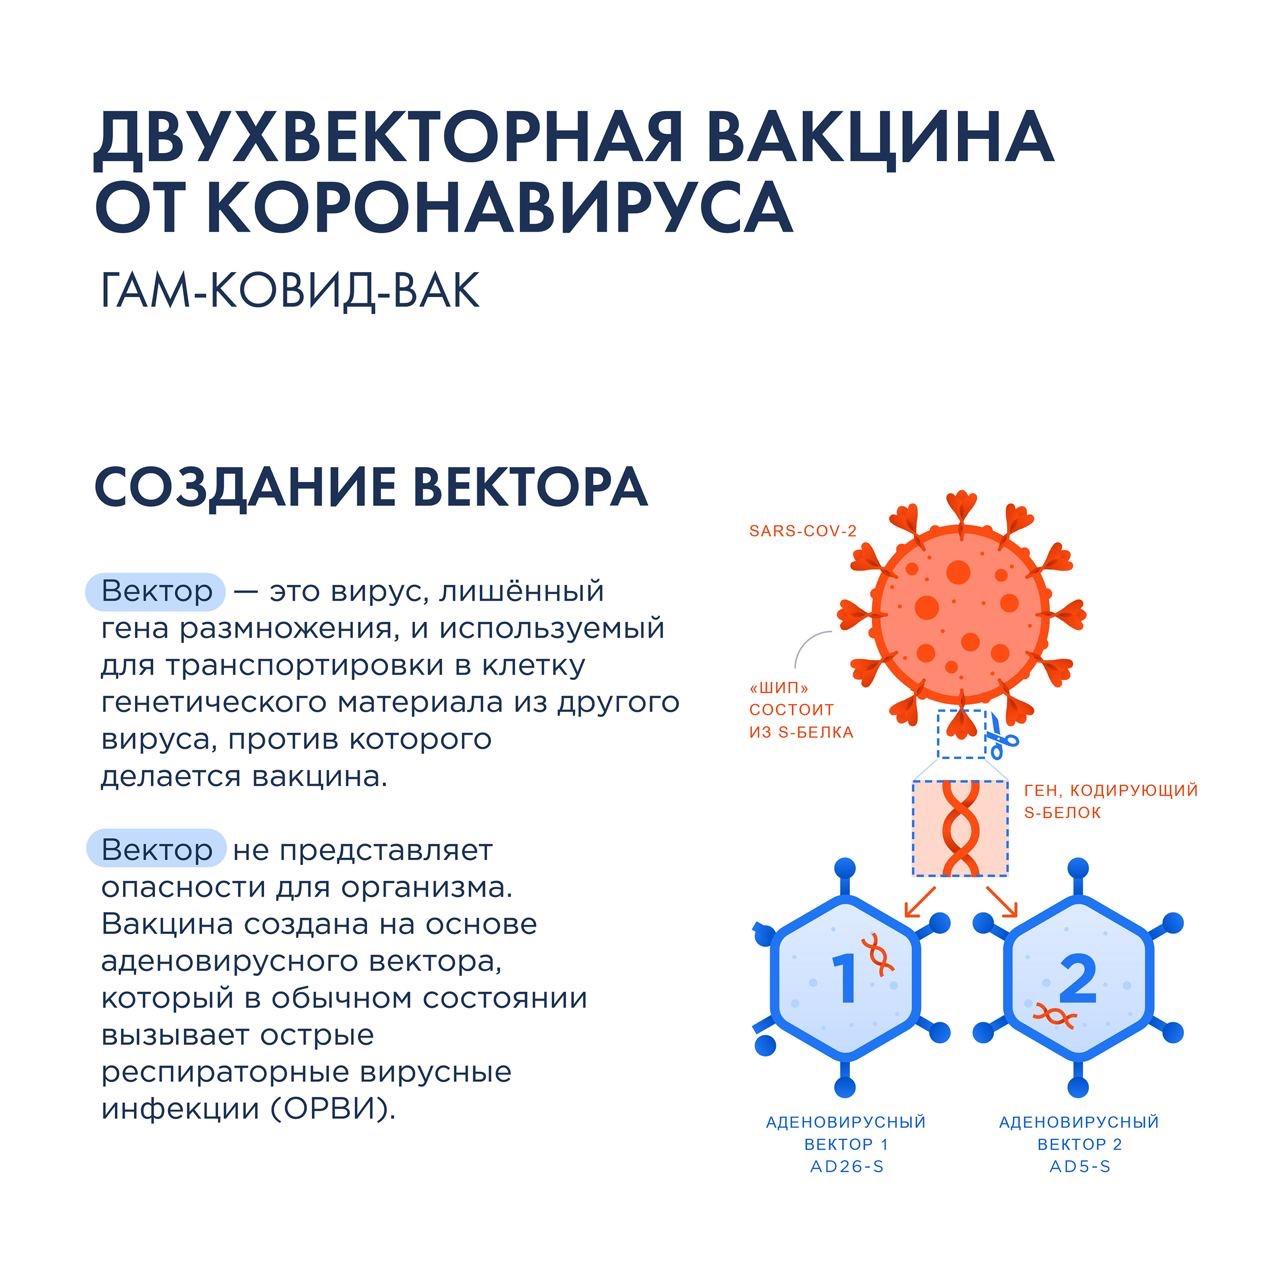 Второй этап вакцинации: для чего она и почему это важно? nnВторой этап вакцинации - введение второго компонента первой зарегистрированной в мире вакцины против COVID-19 Гам-Ковид-Вак (так же известная как Спутник V)